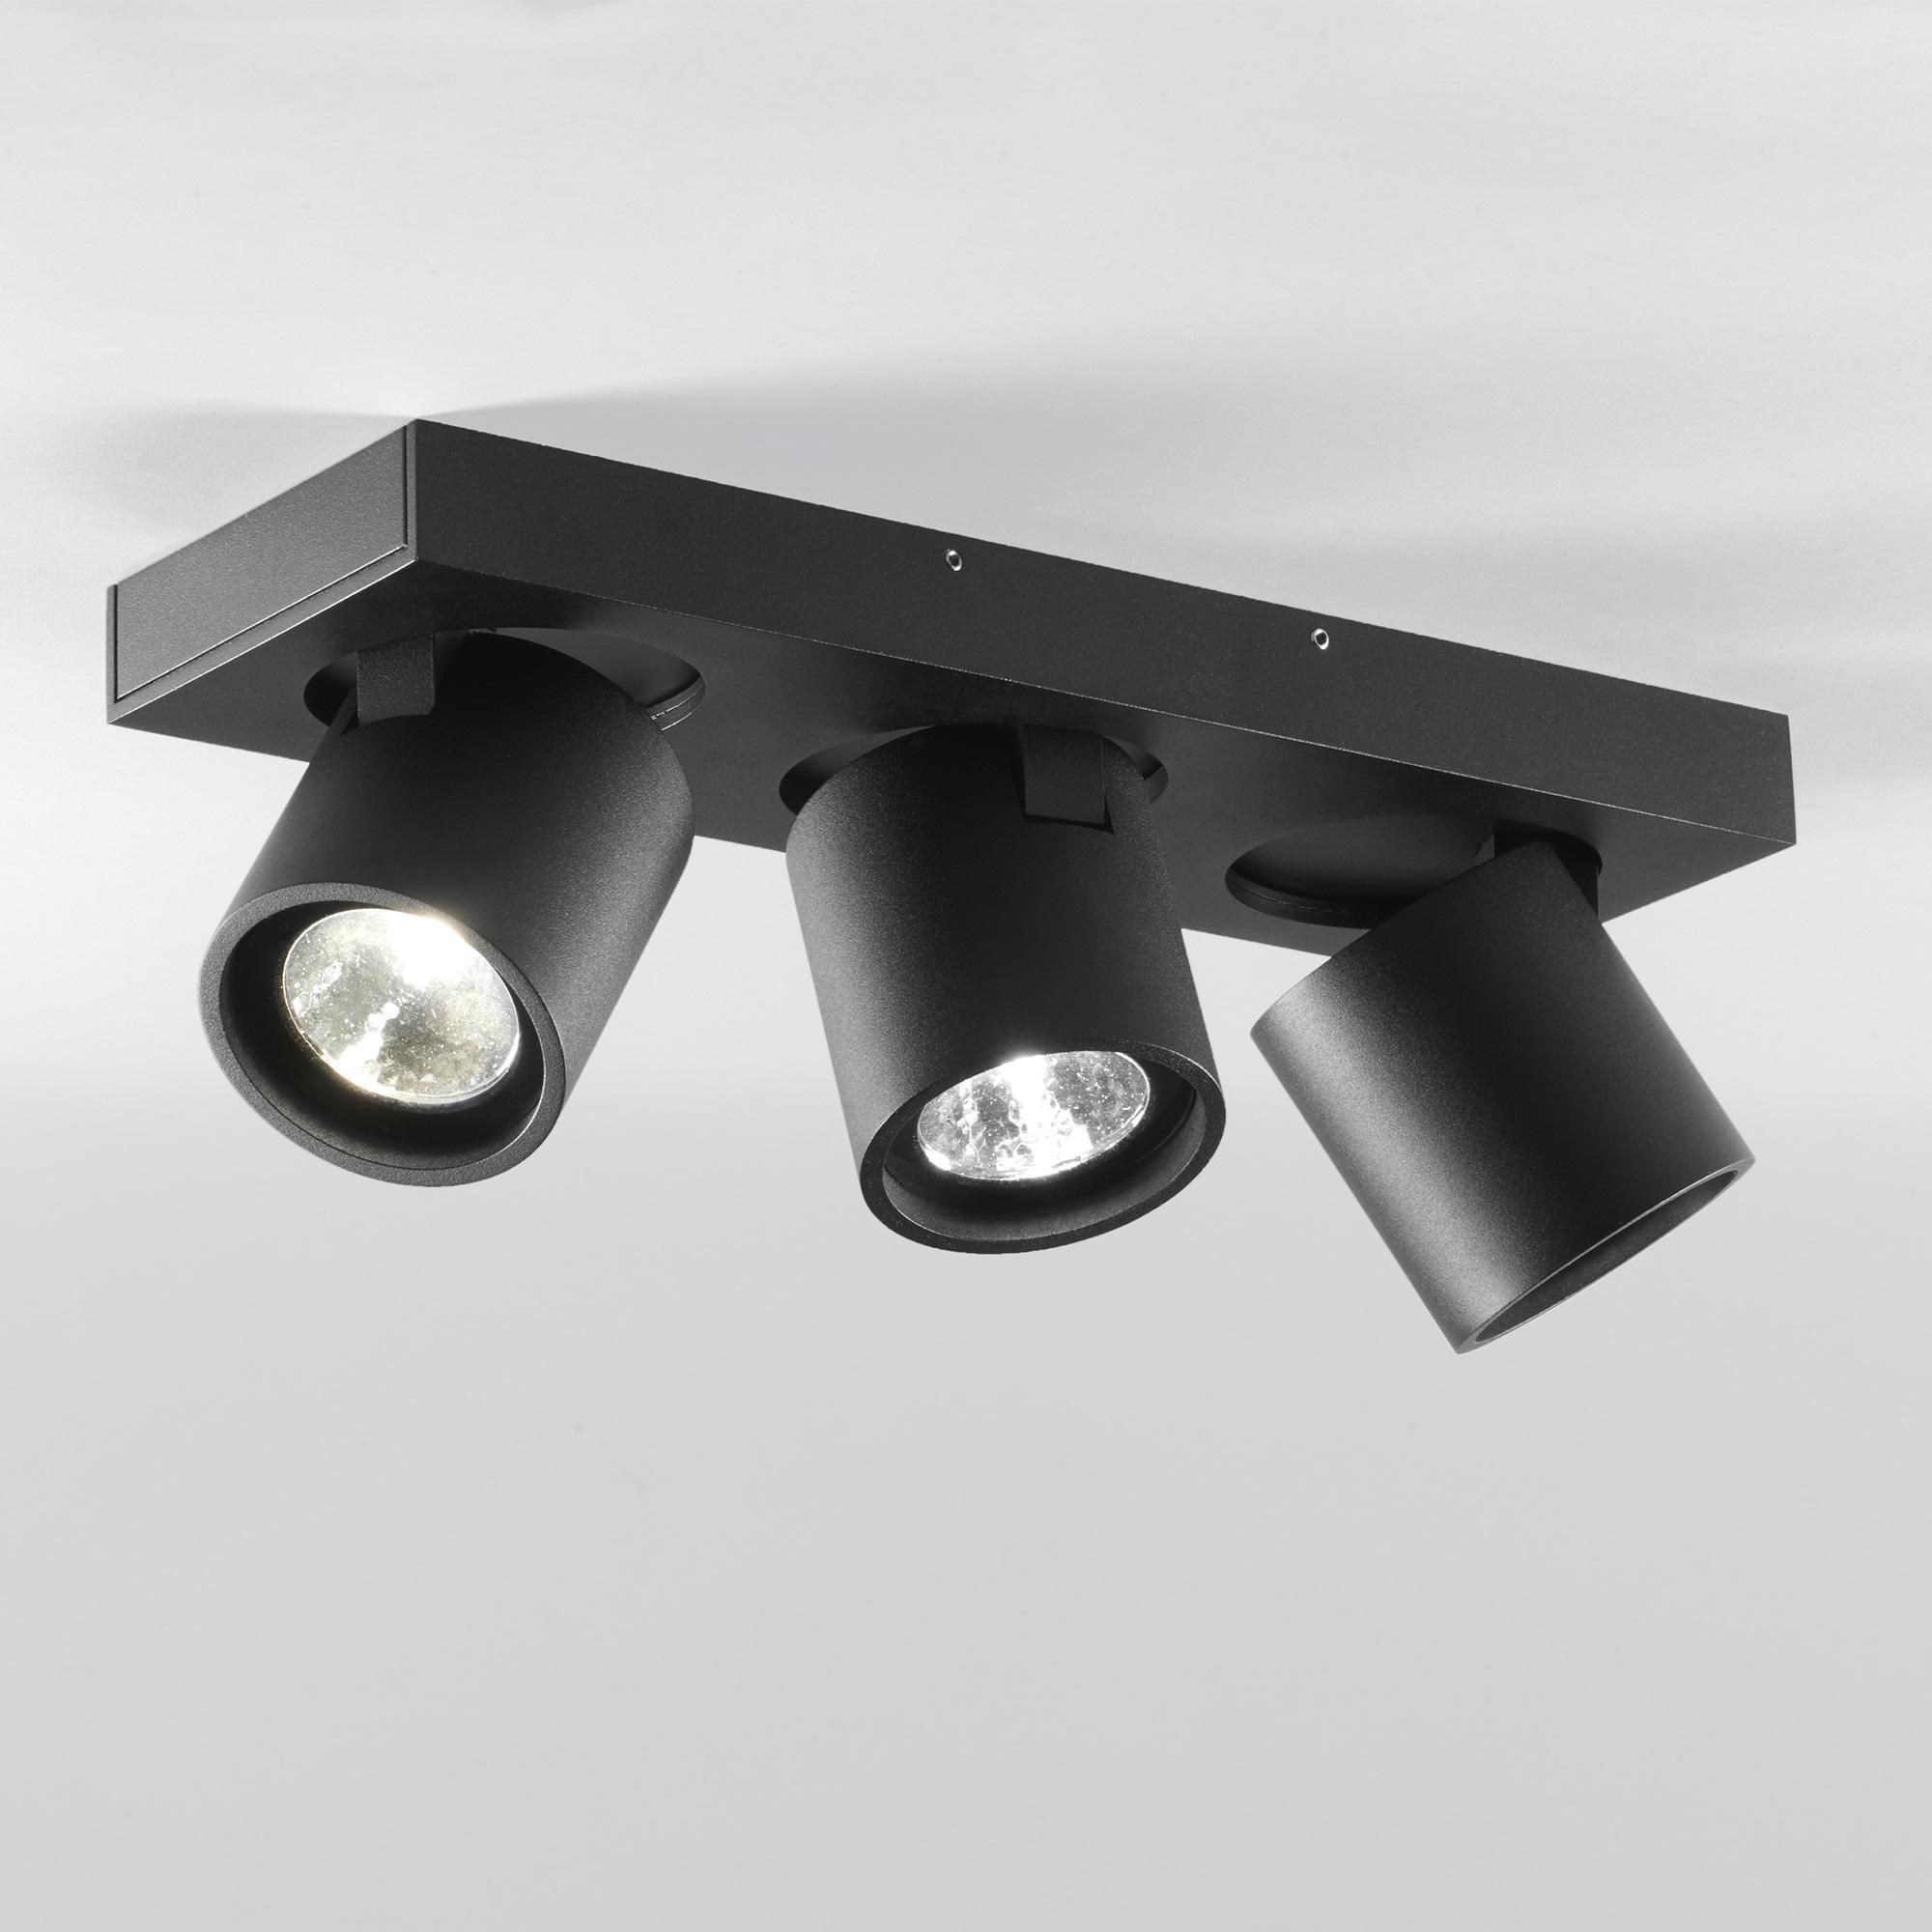 focus 3 led ceiling lamp